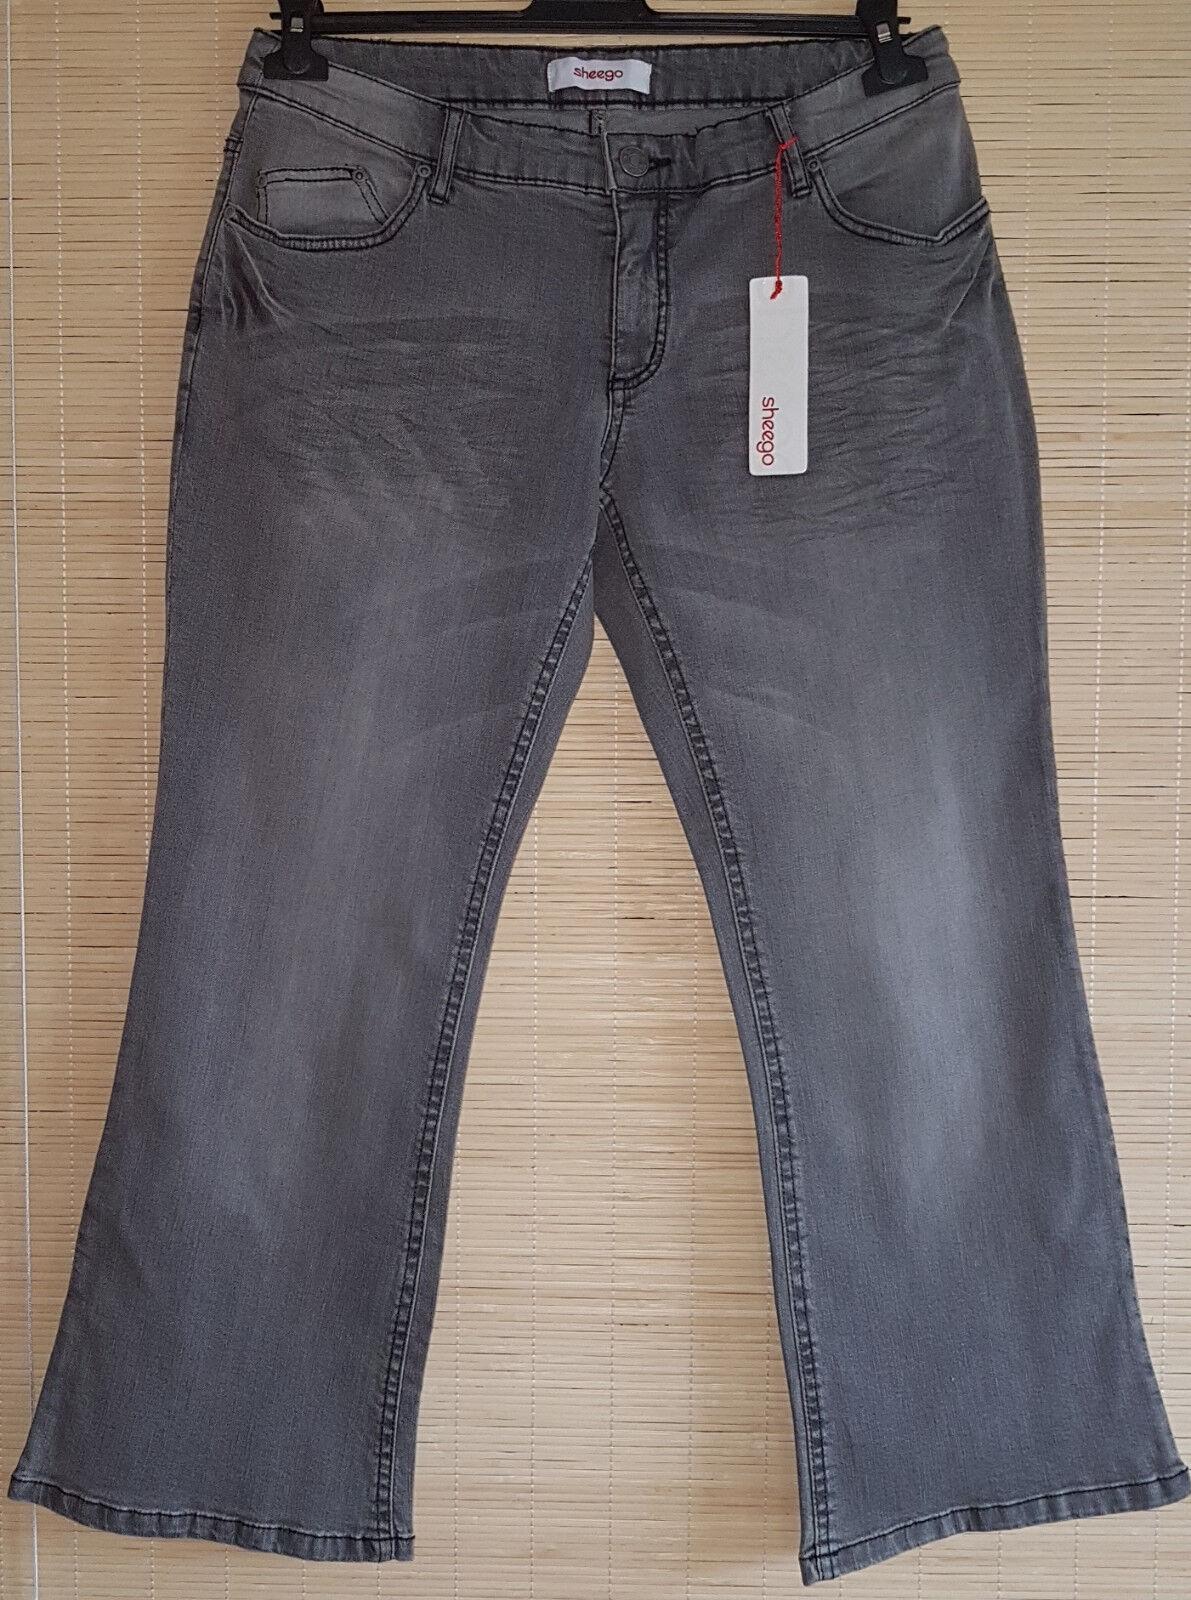 f60fc43ef9 JEANS Damen BOOTCUT SHEEGO Grau 42 44 46 48 50 52 Kurzgrößen & Langgrößen, Jeans  hosen ...